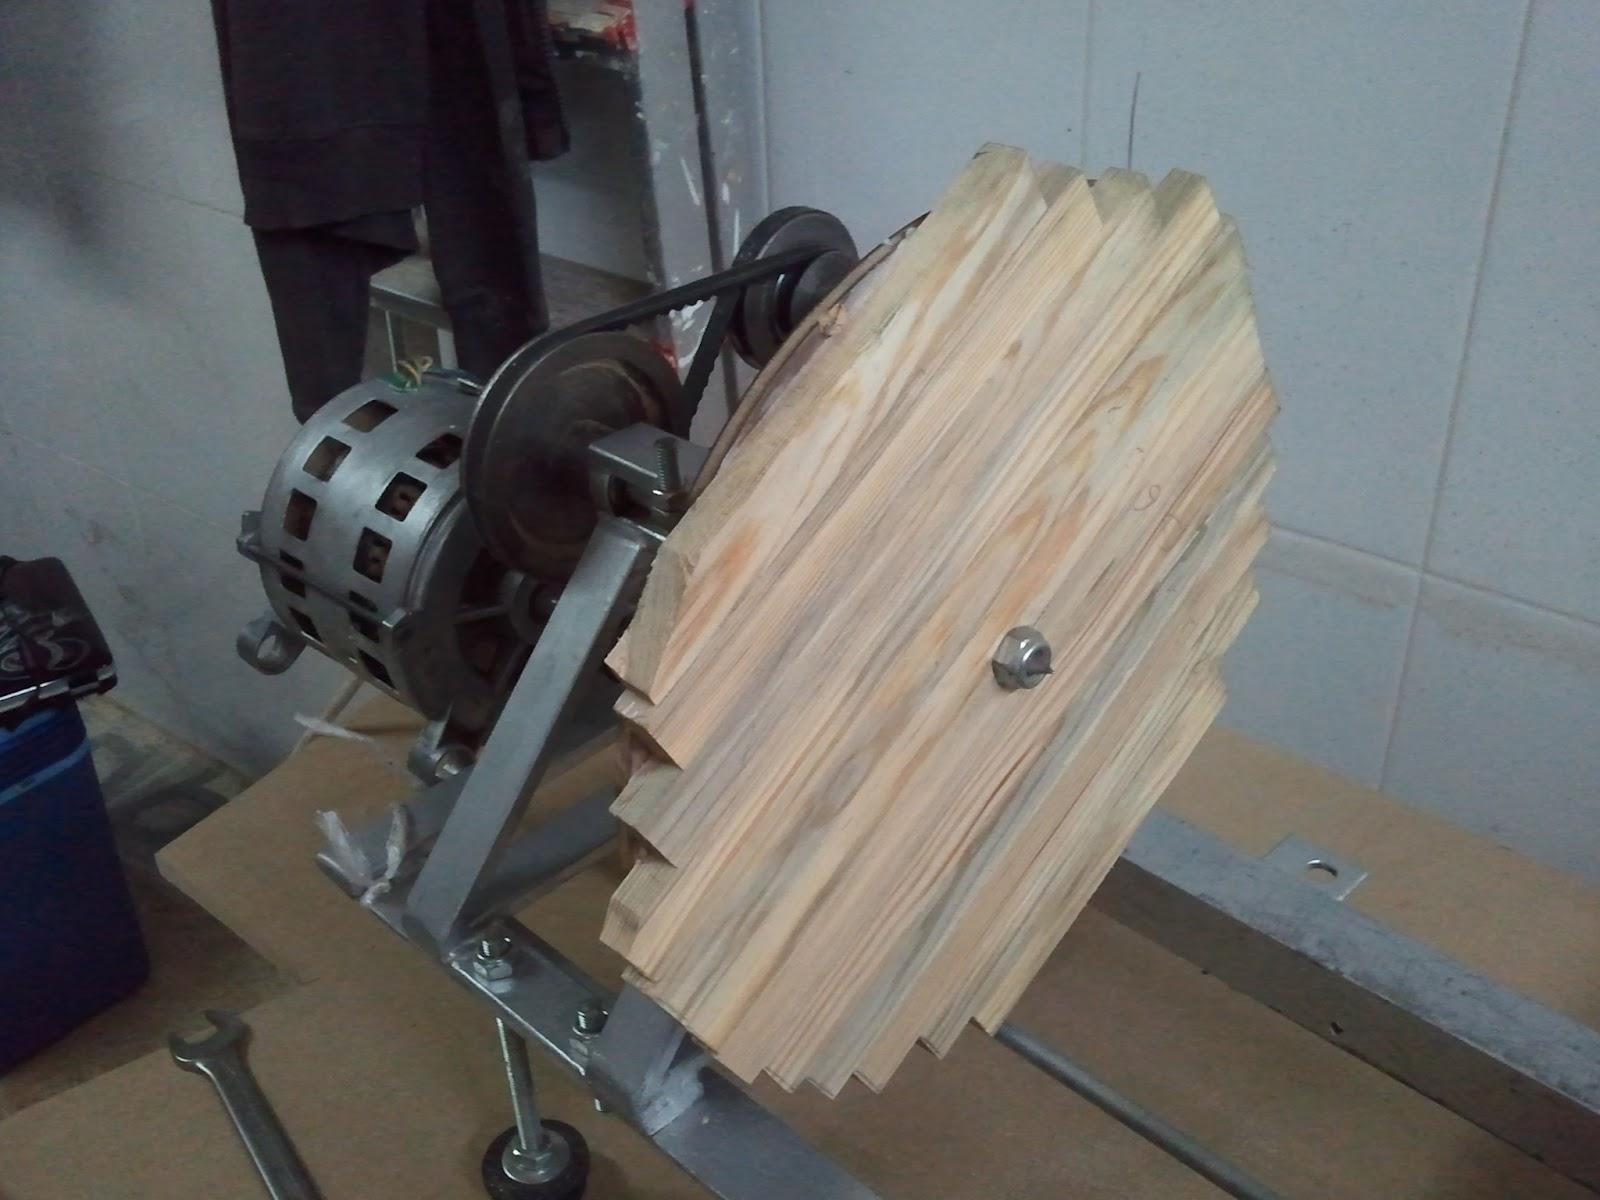 Torno casero artilugios en casa - Taladro de la madera ...